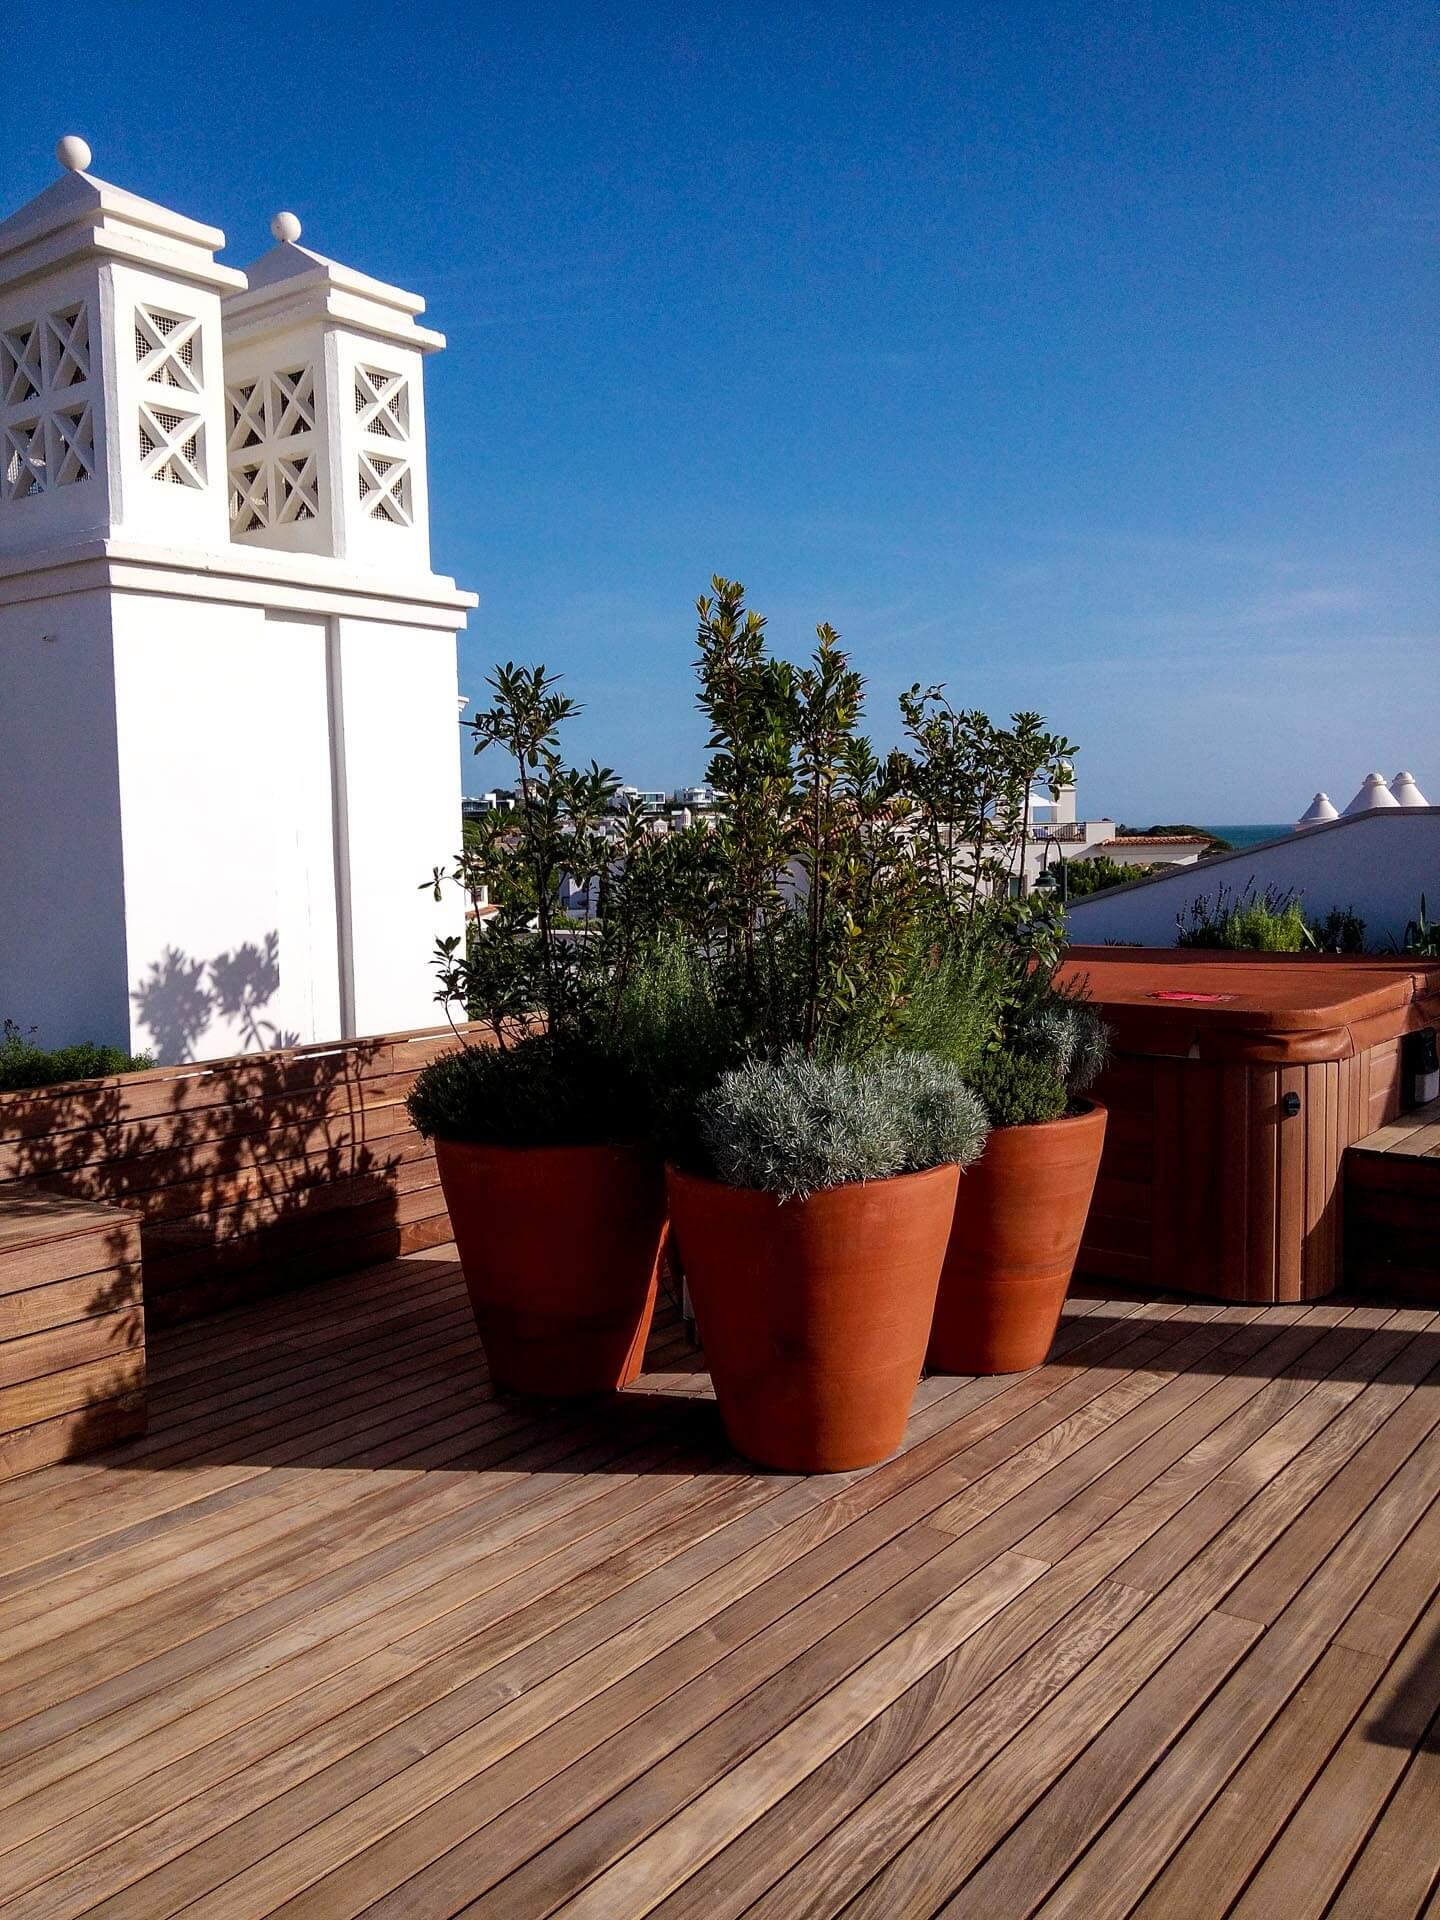 condominium roof terrace with vases